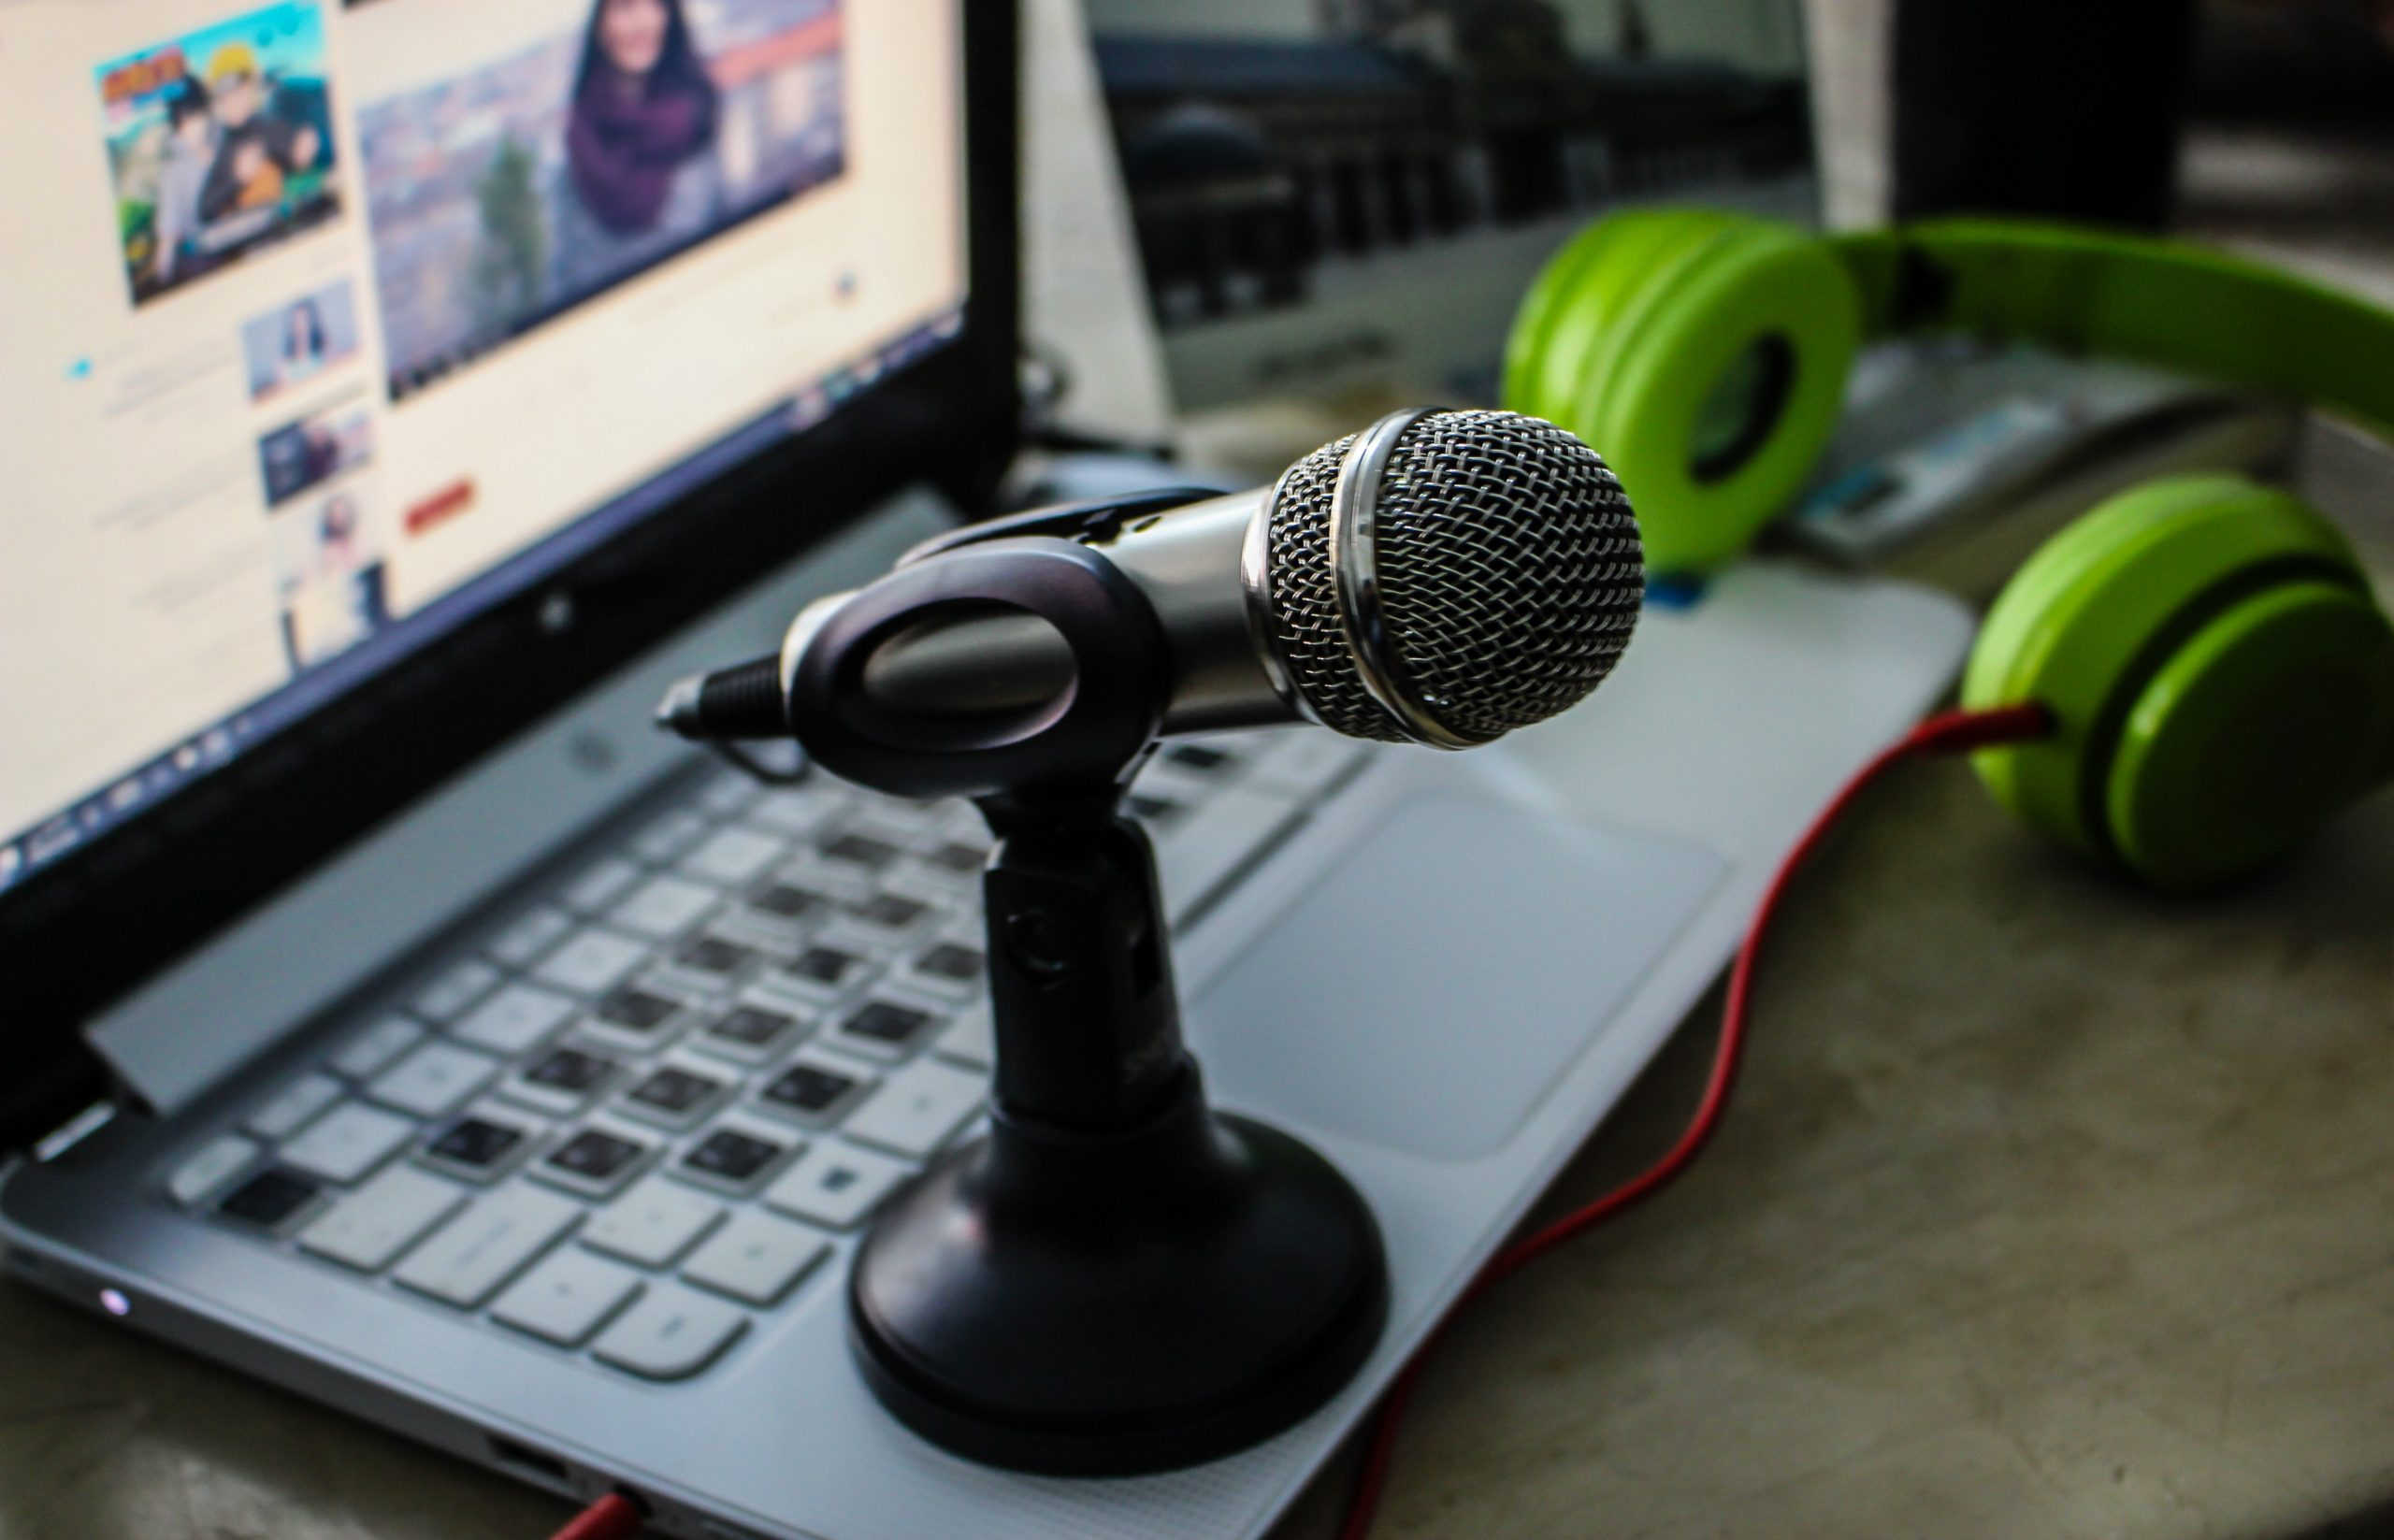 Imagem mostra um microfone portátil colocado em um notebook.